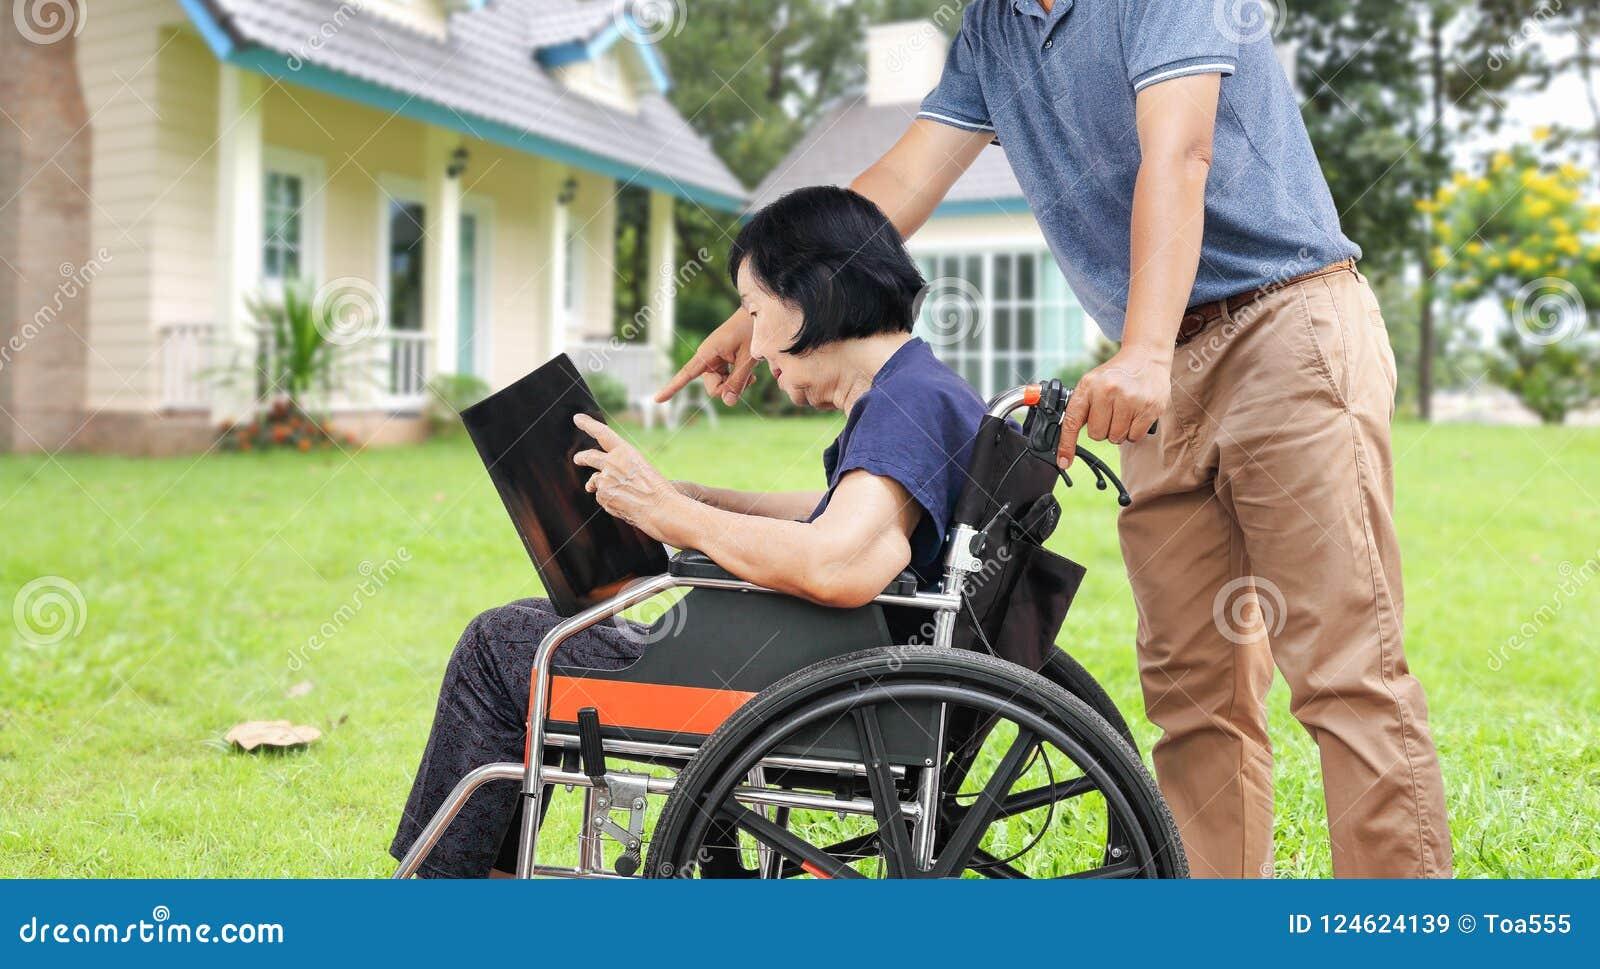 Η ασιατική ηλικιωμένη γυναίκα που διαβάζει ένα βιβλίο με το γιο της παίρνει την προσοχή στην ΤΣΕ